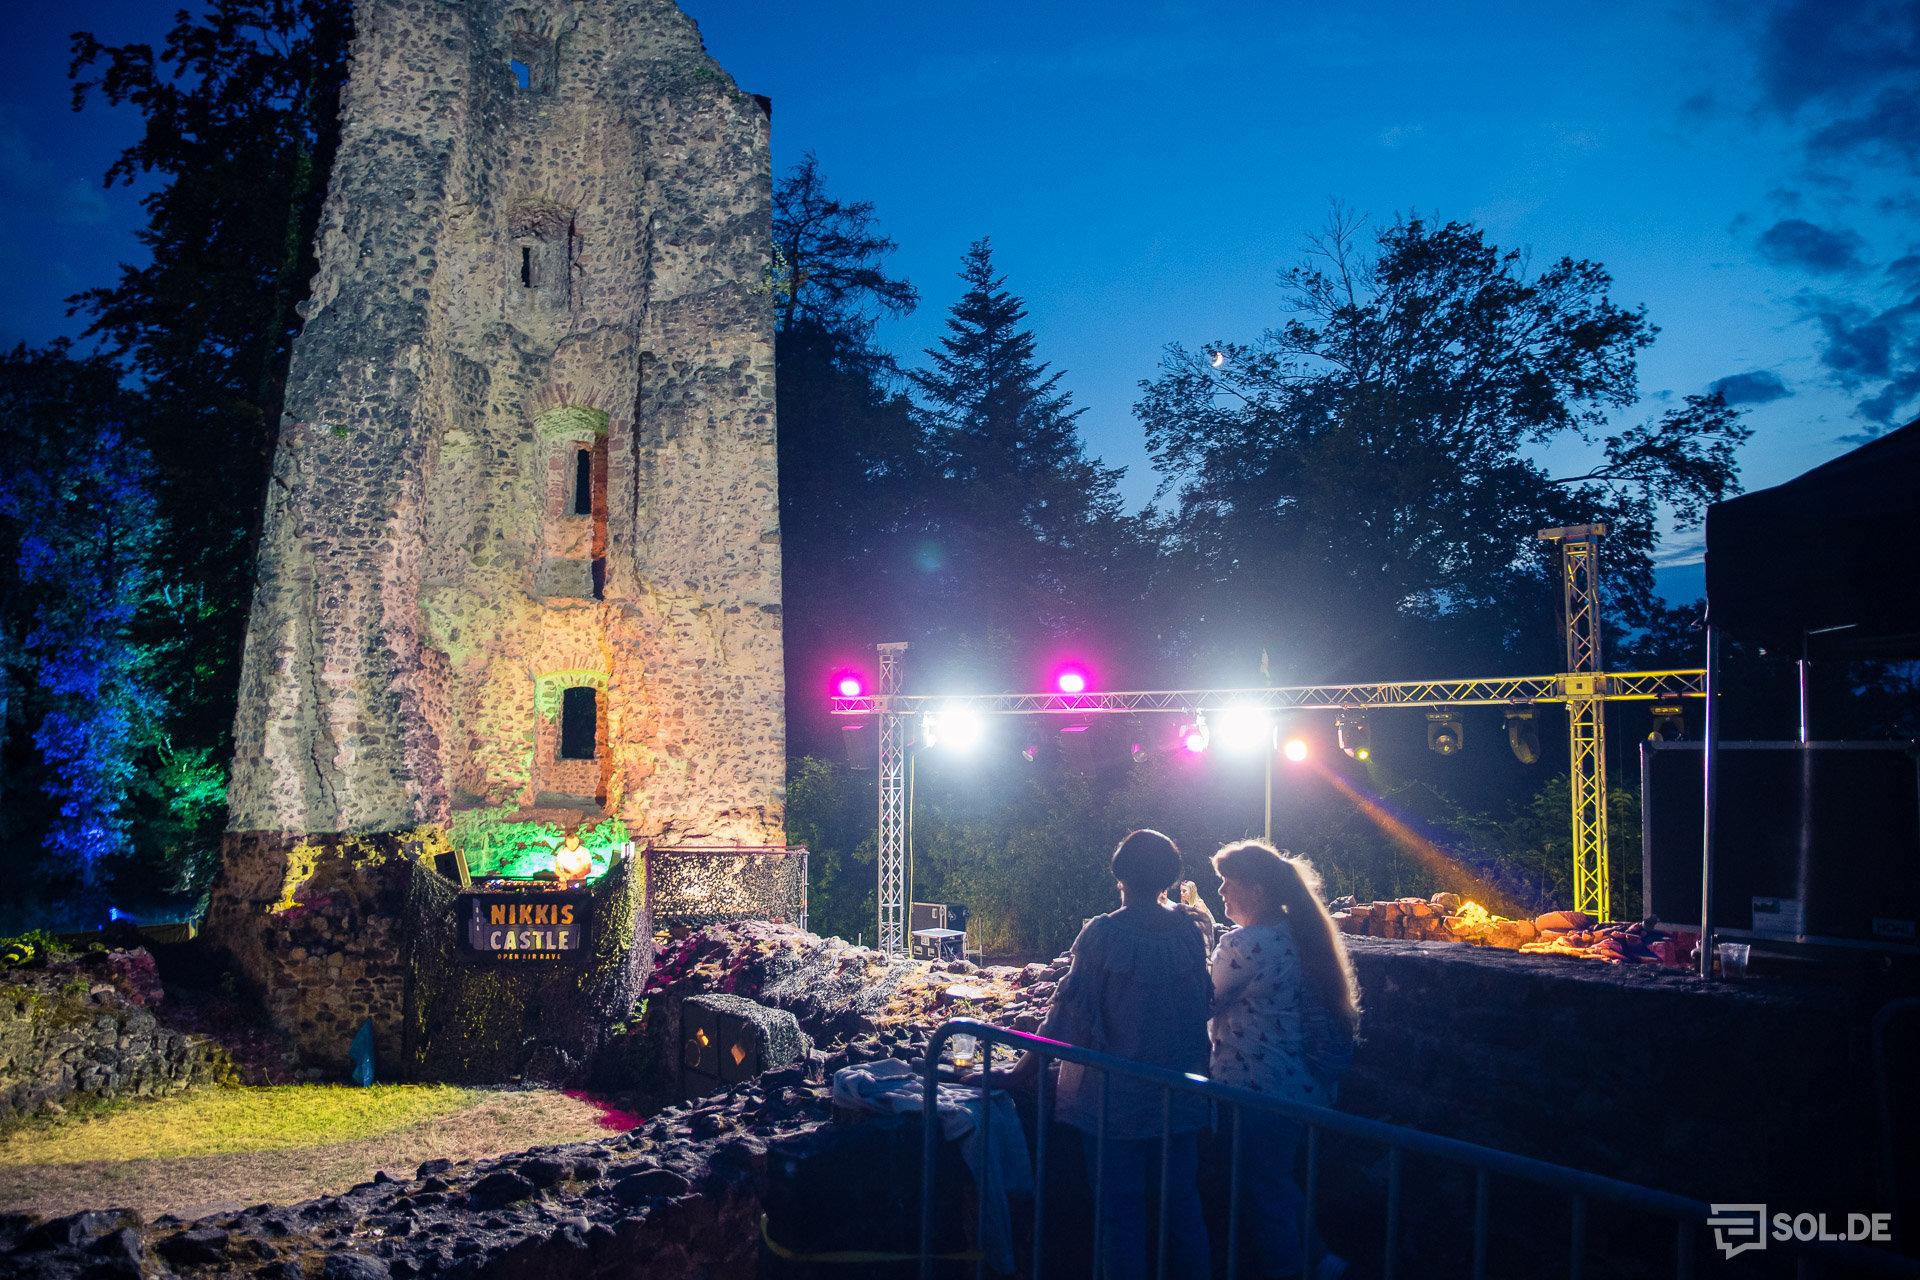 Nikkis Castle